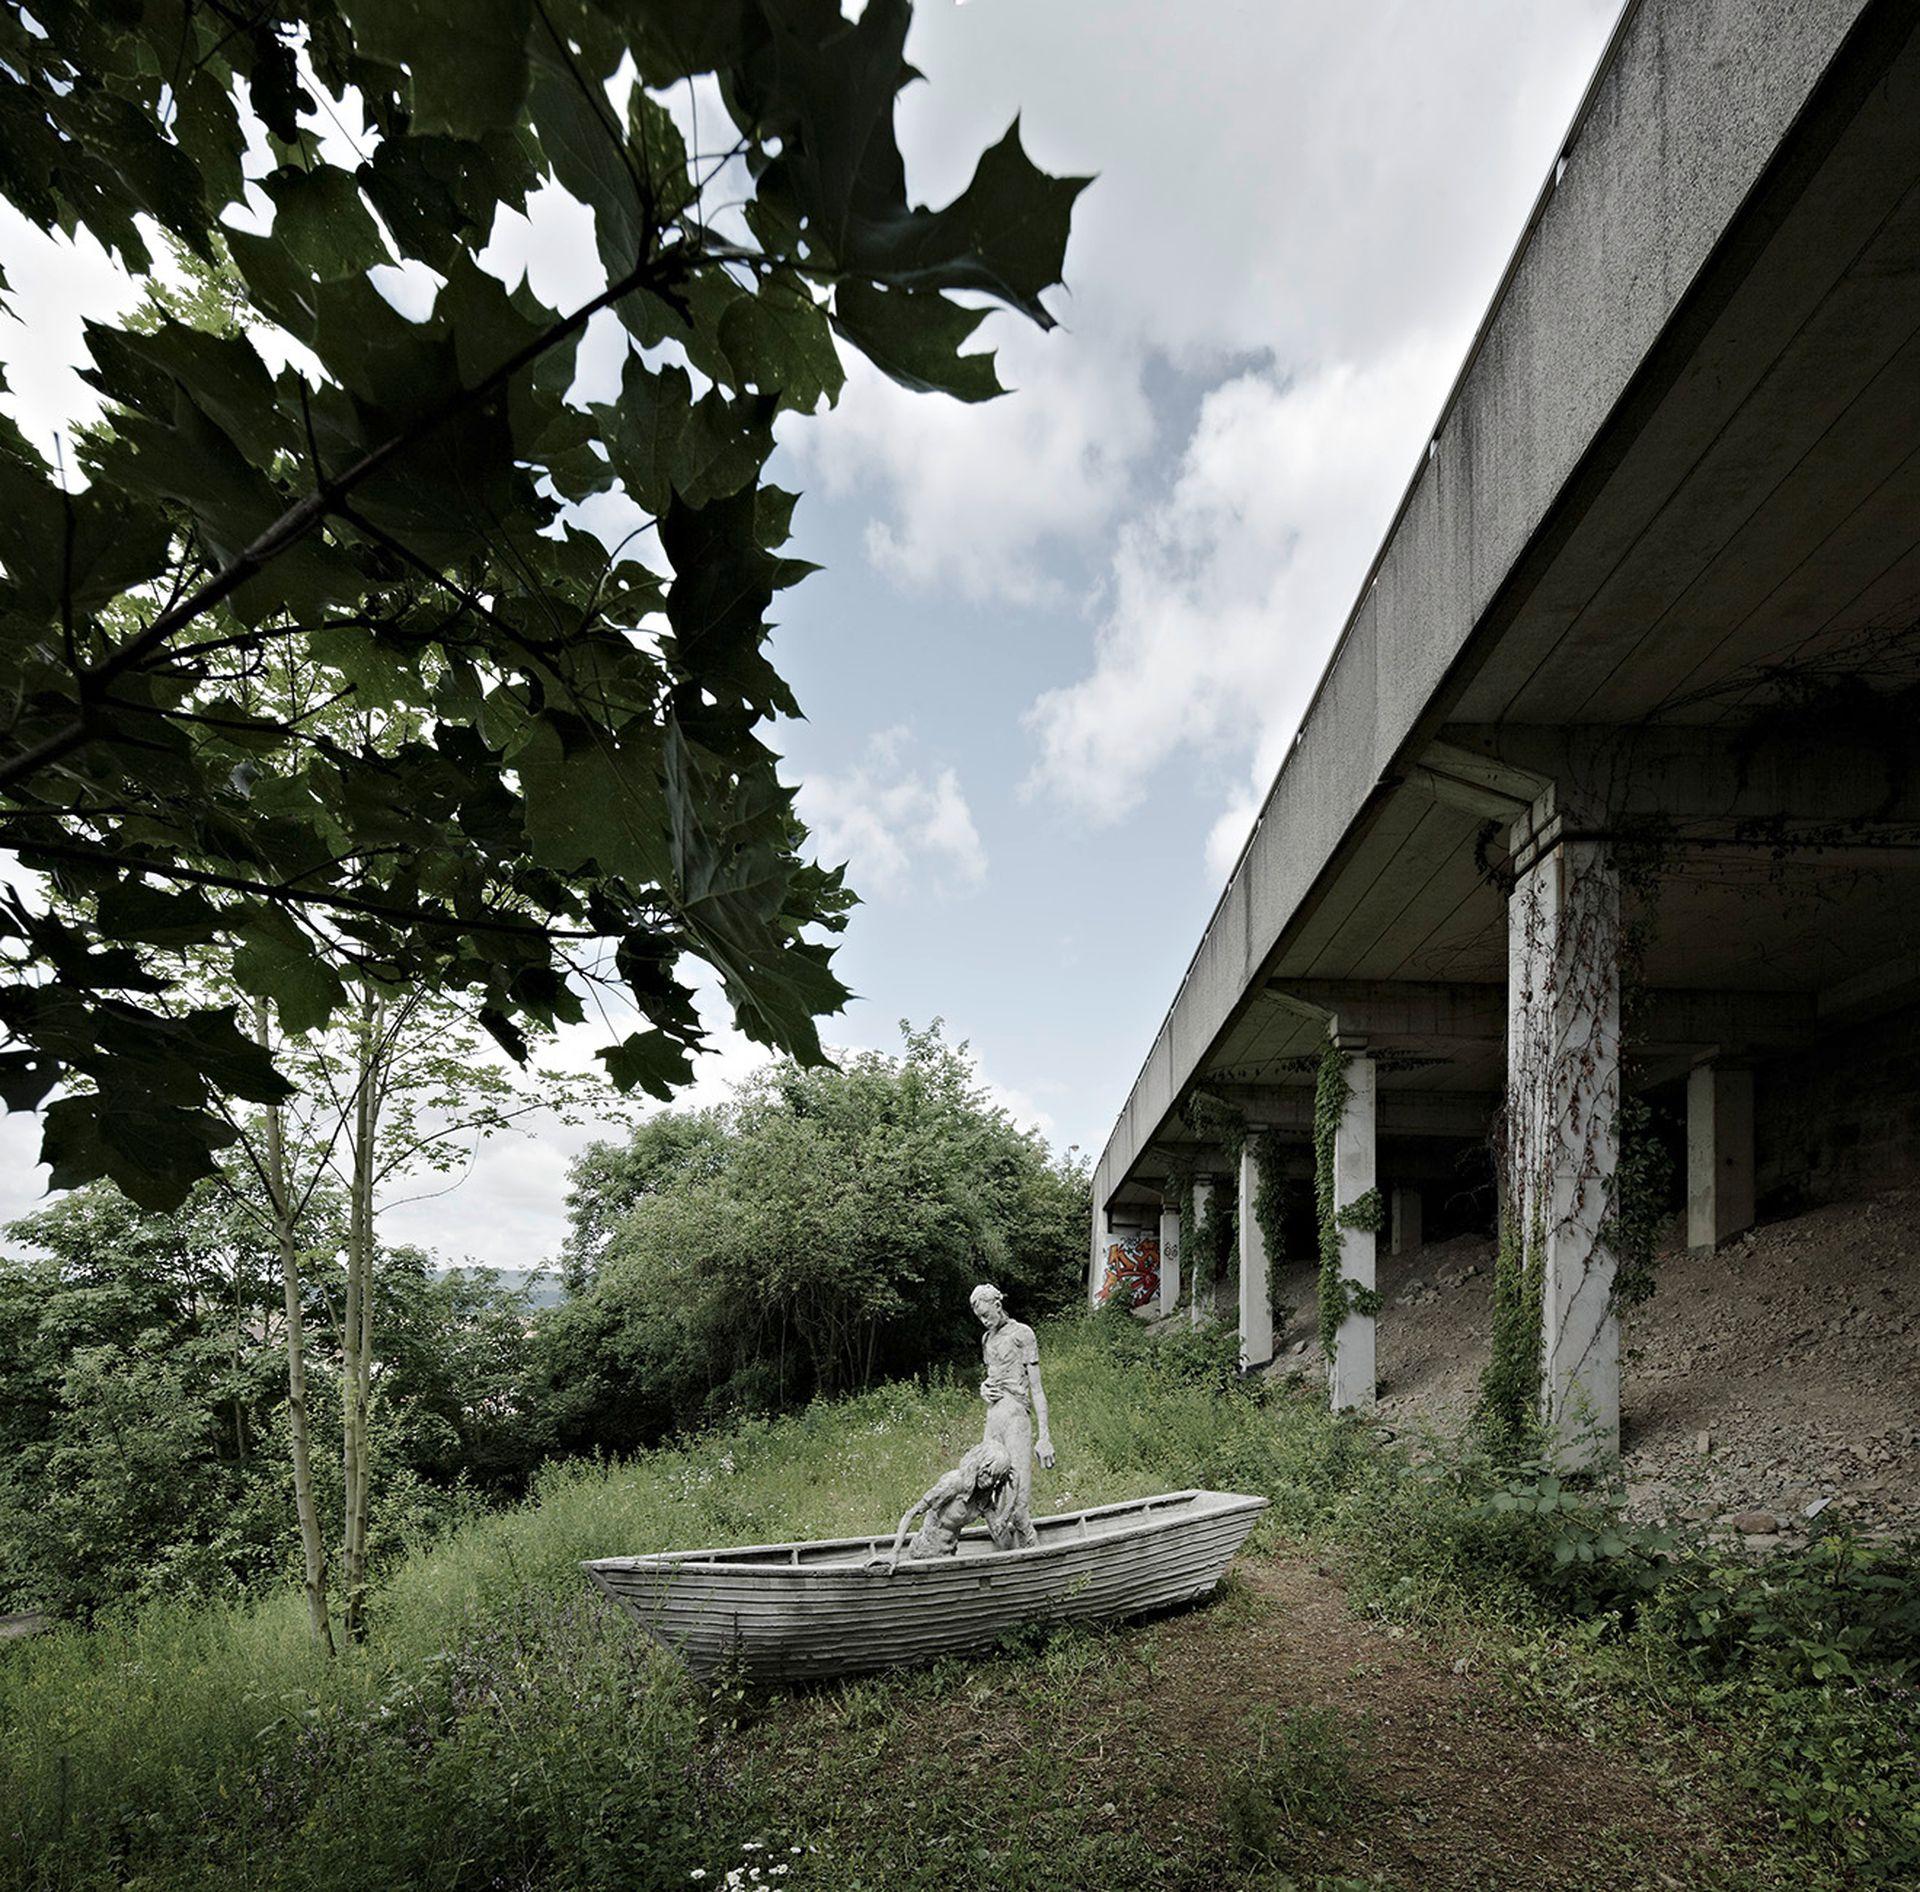 Detalle de Return The World, instalación realizada en la Documenta de Kassel (2012)